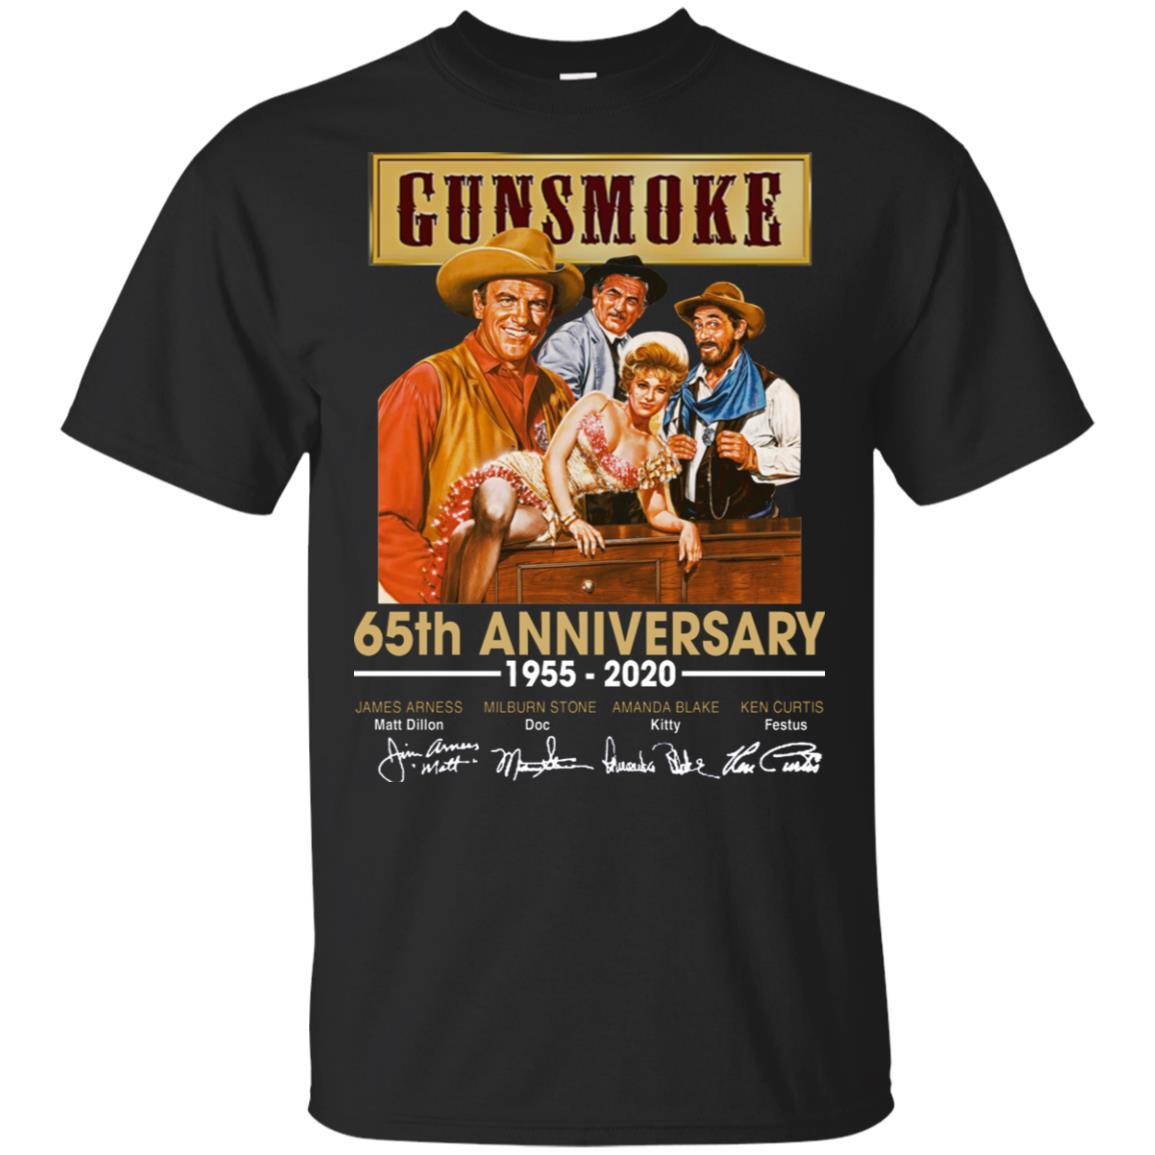 Gunsmoke 65th Anniversary Shirt